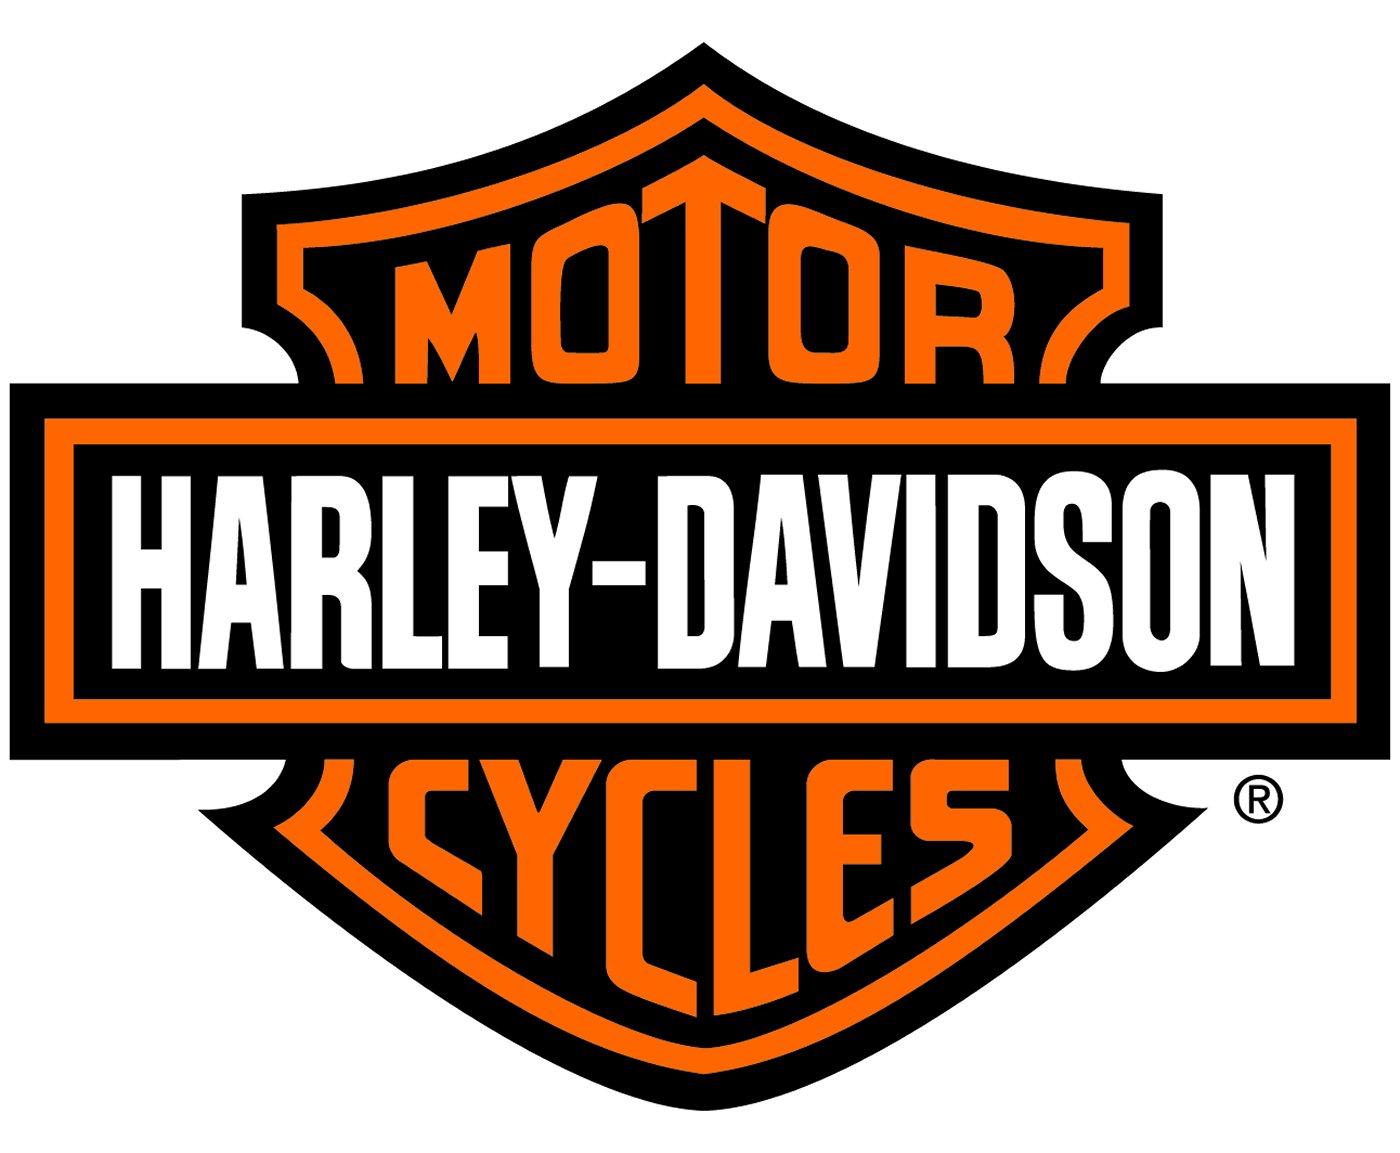 ORIGEN DE LOS NOMBRES Y MARCAS Harley-davidson-logotipo-489081